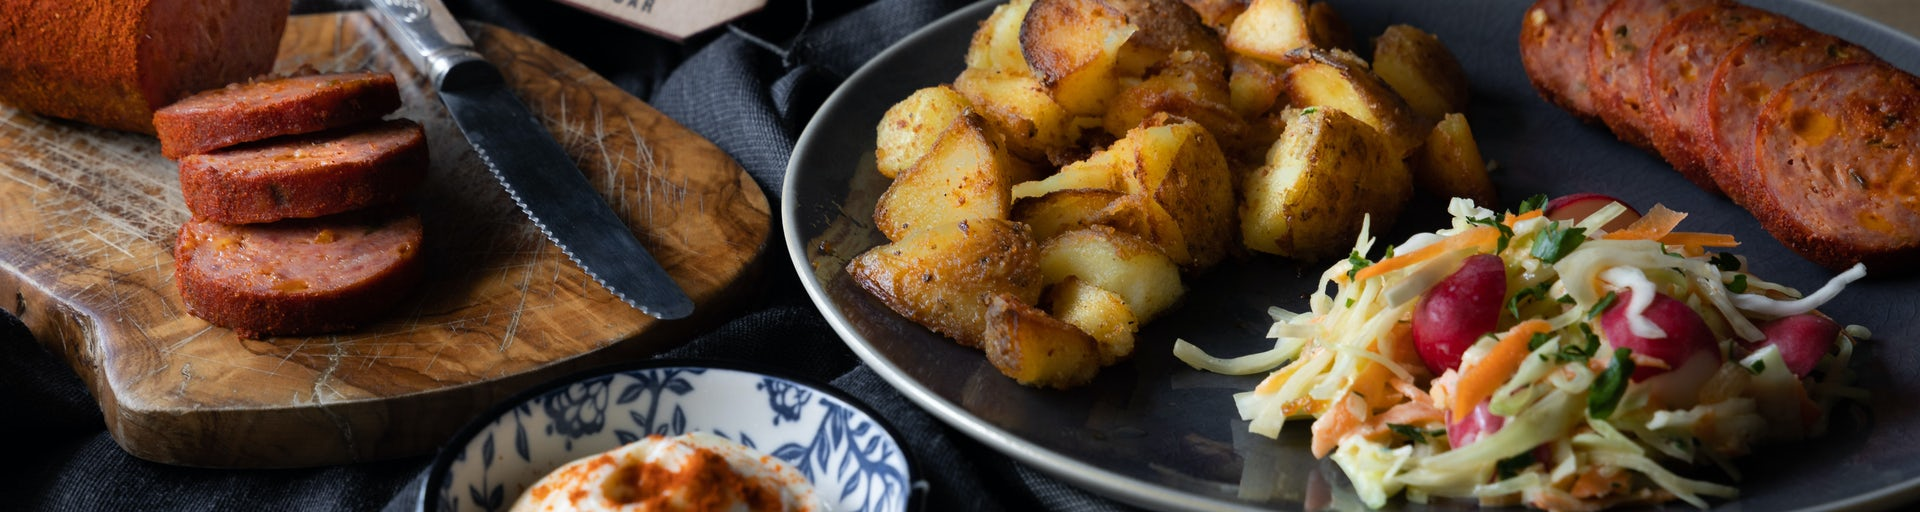 Wk 12 Homemade grillworst met Frieslander aardappelen en coleslaw 2